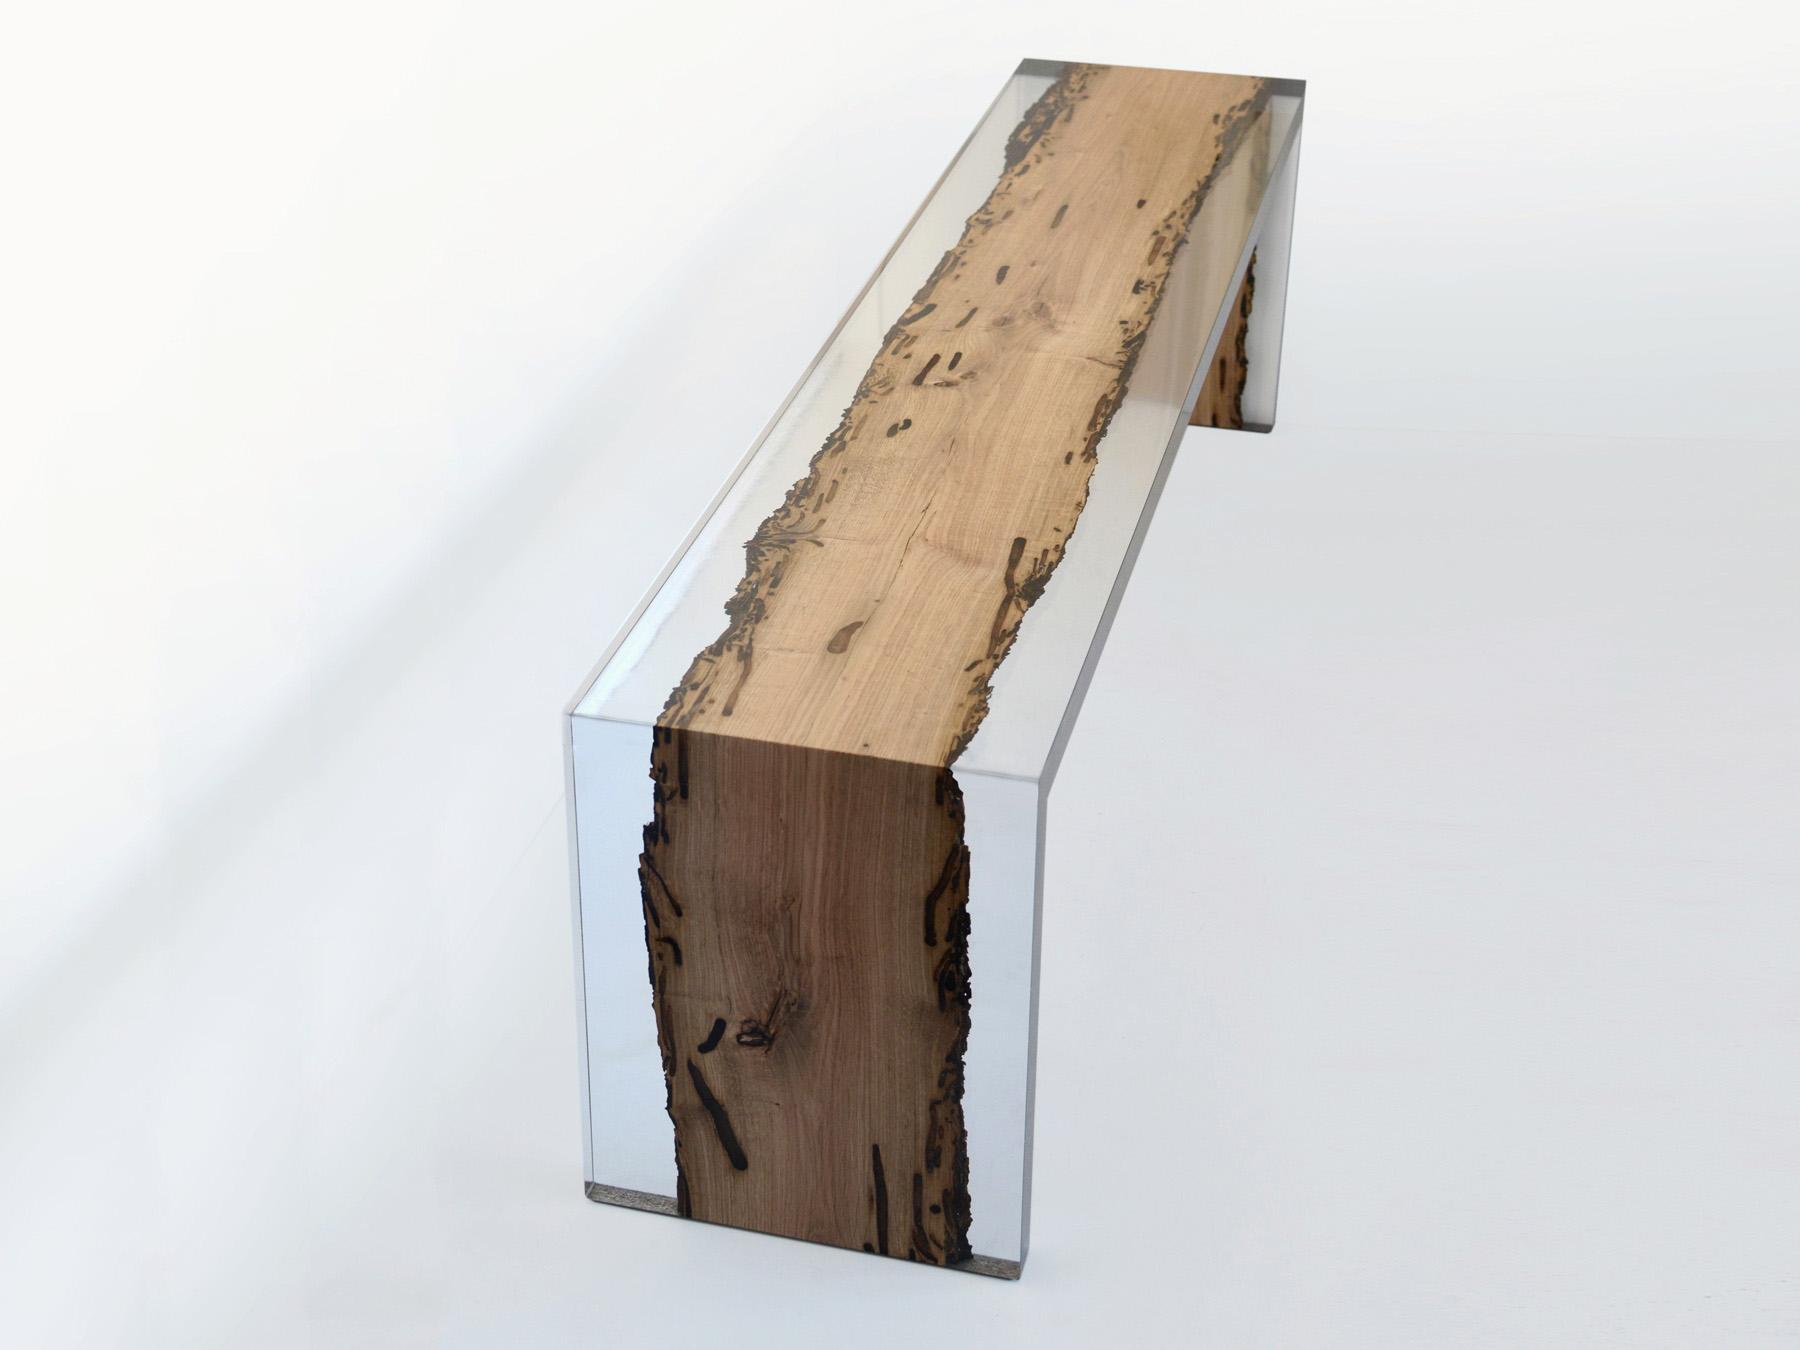 bent-bench-3-bricola-alcarol